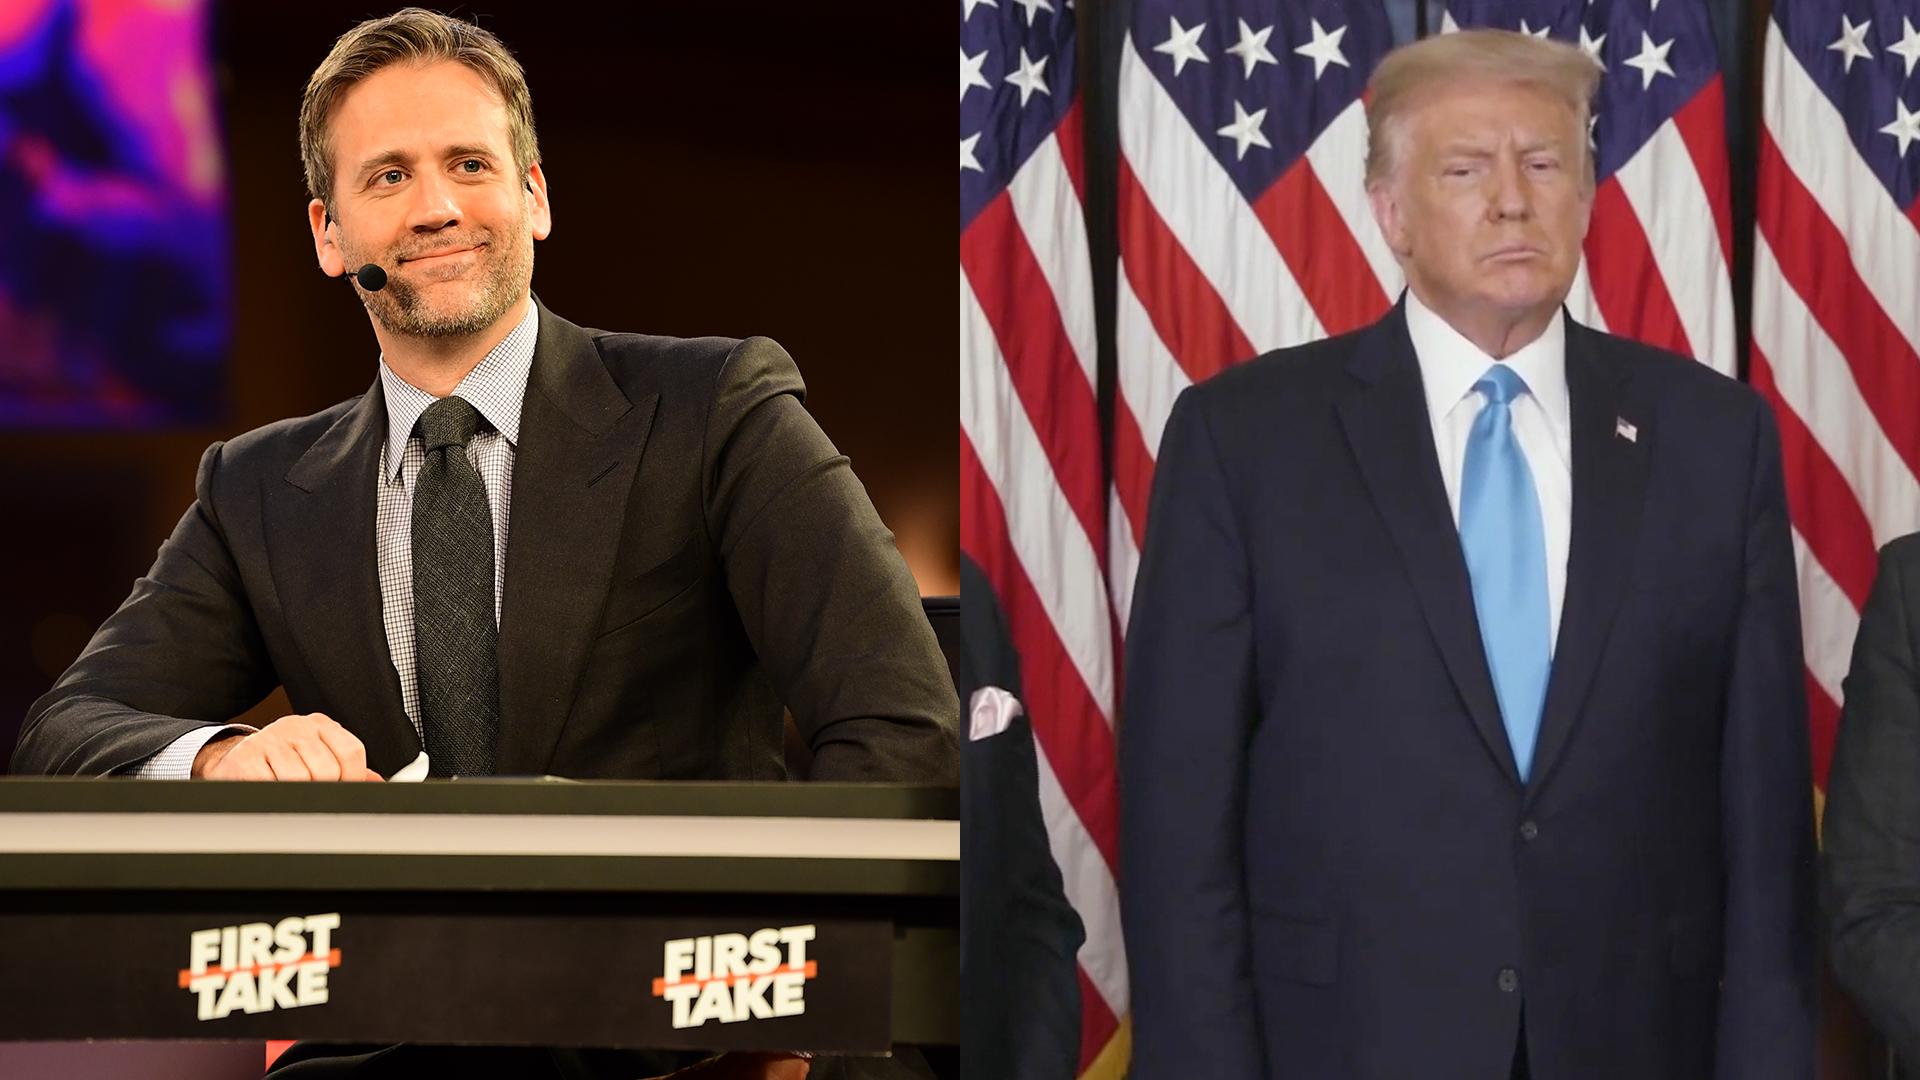 Max Kellerman calls SEC fans who support Donald Trump 'easy to propagandize'